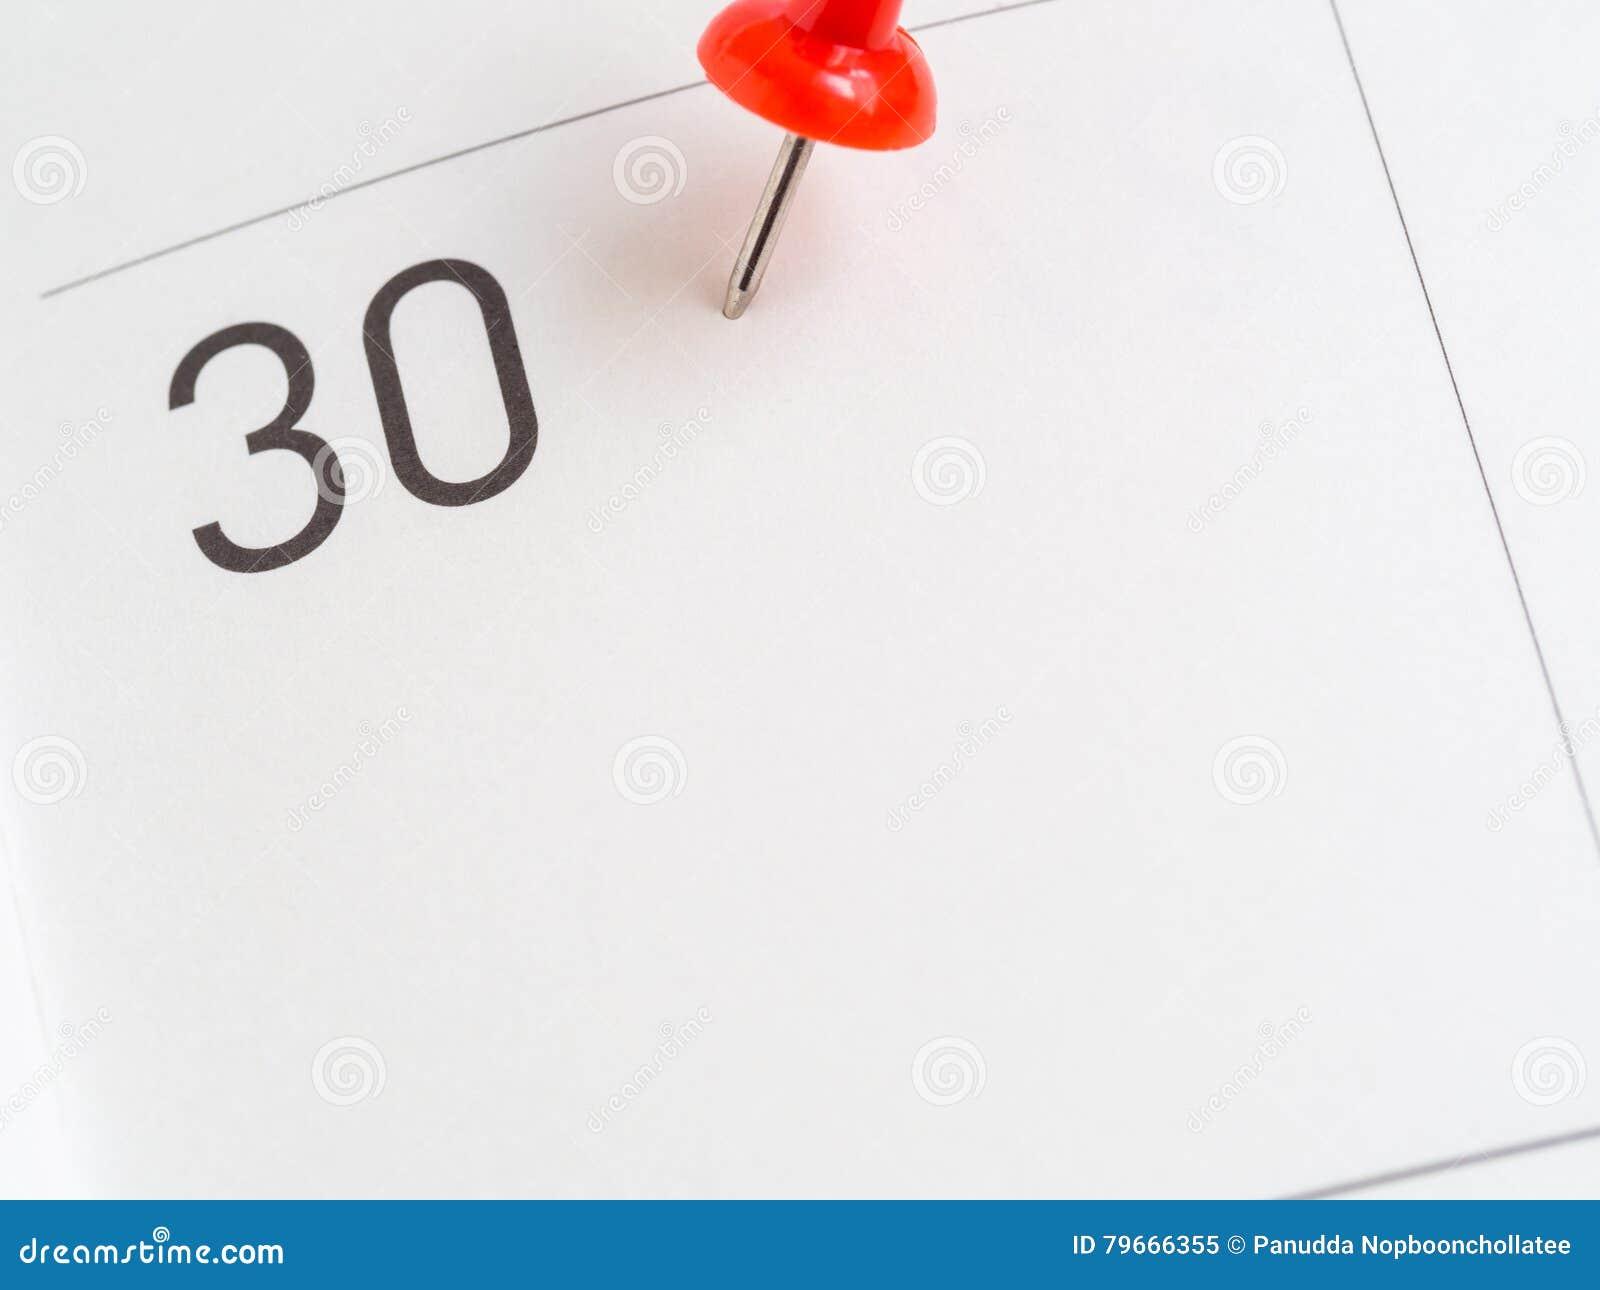 Roter Stift vom Papier mit 30 Kalendern